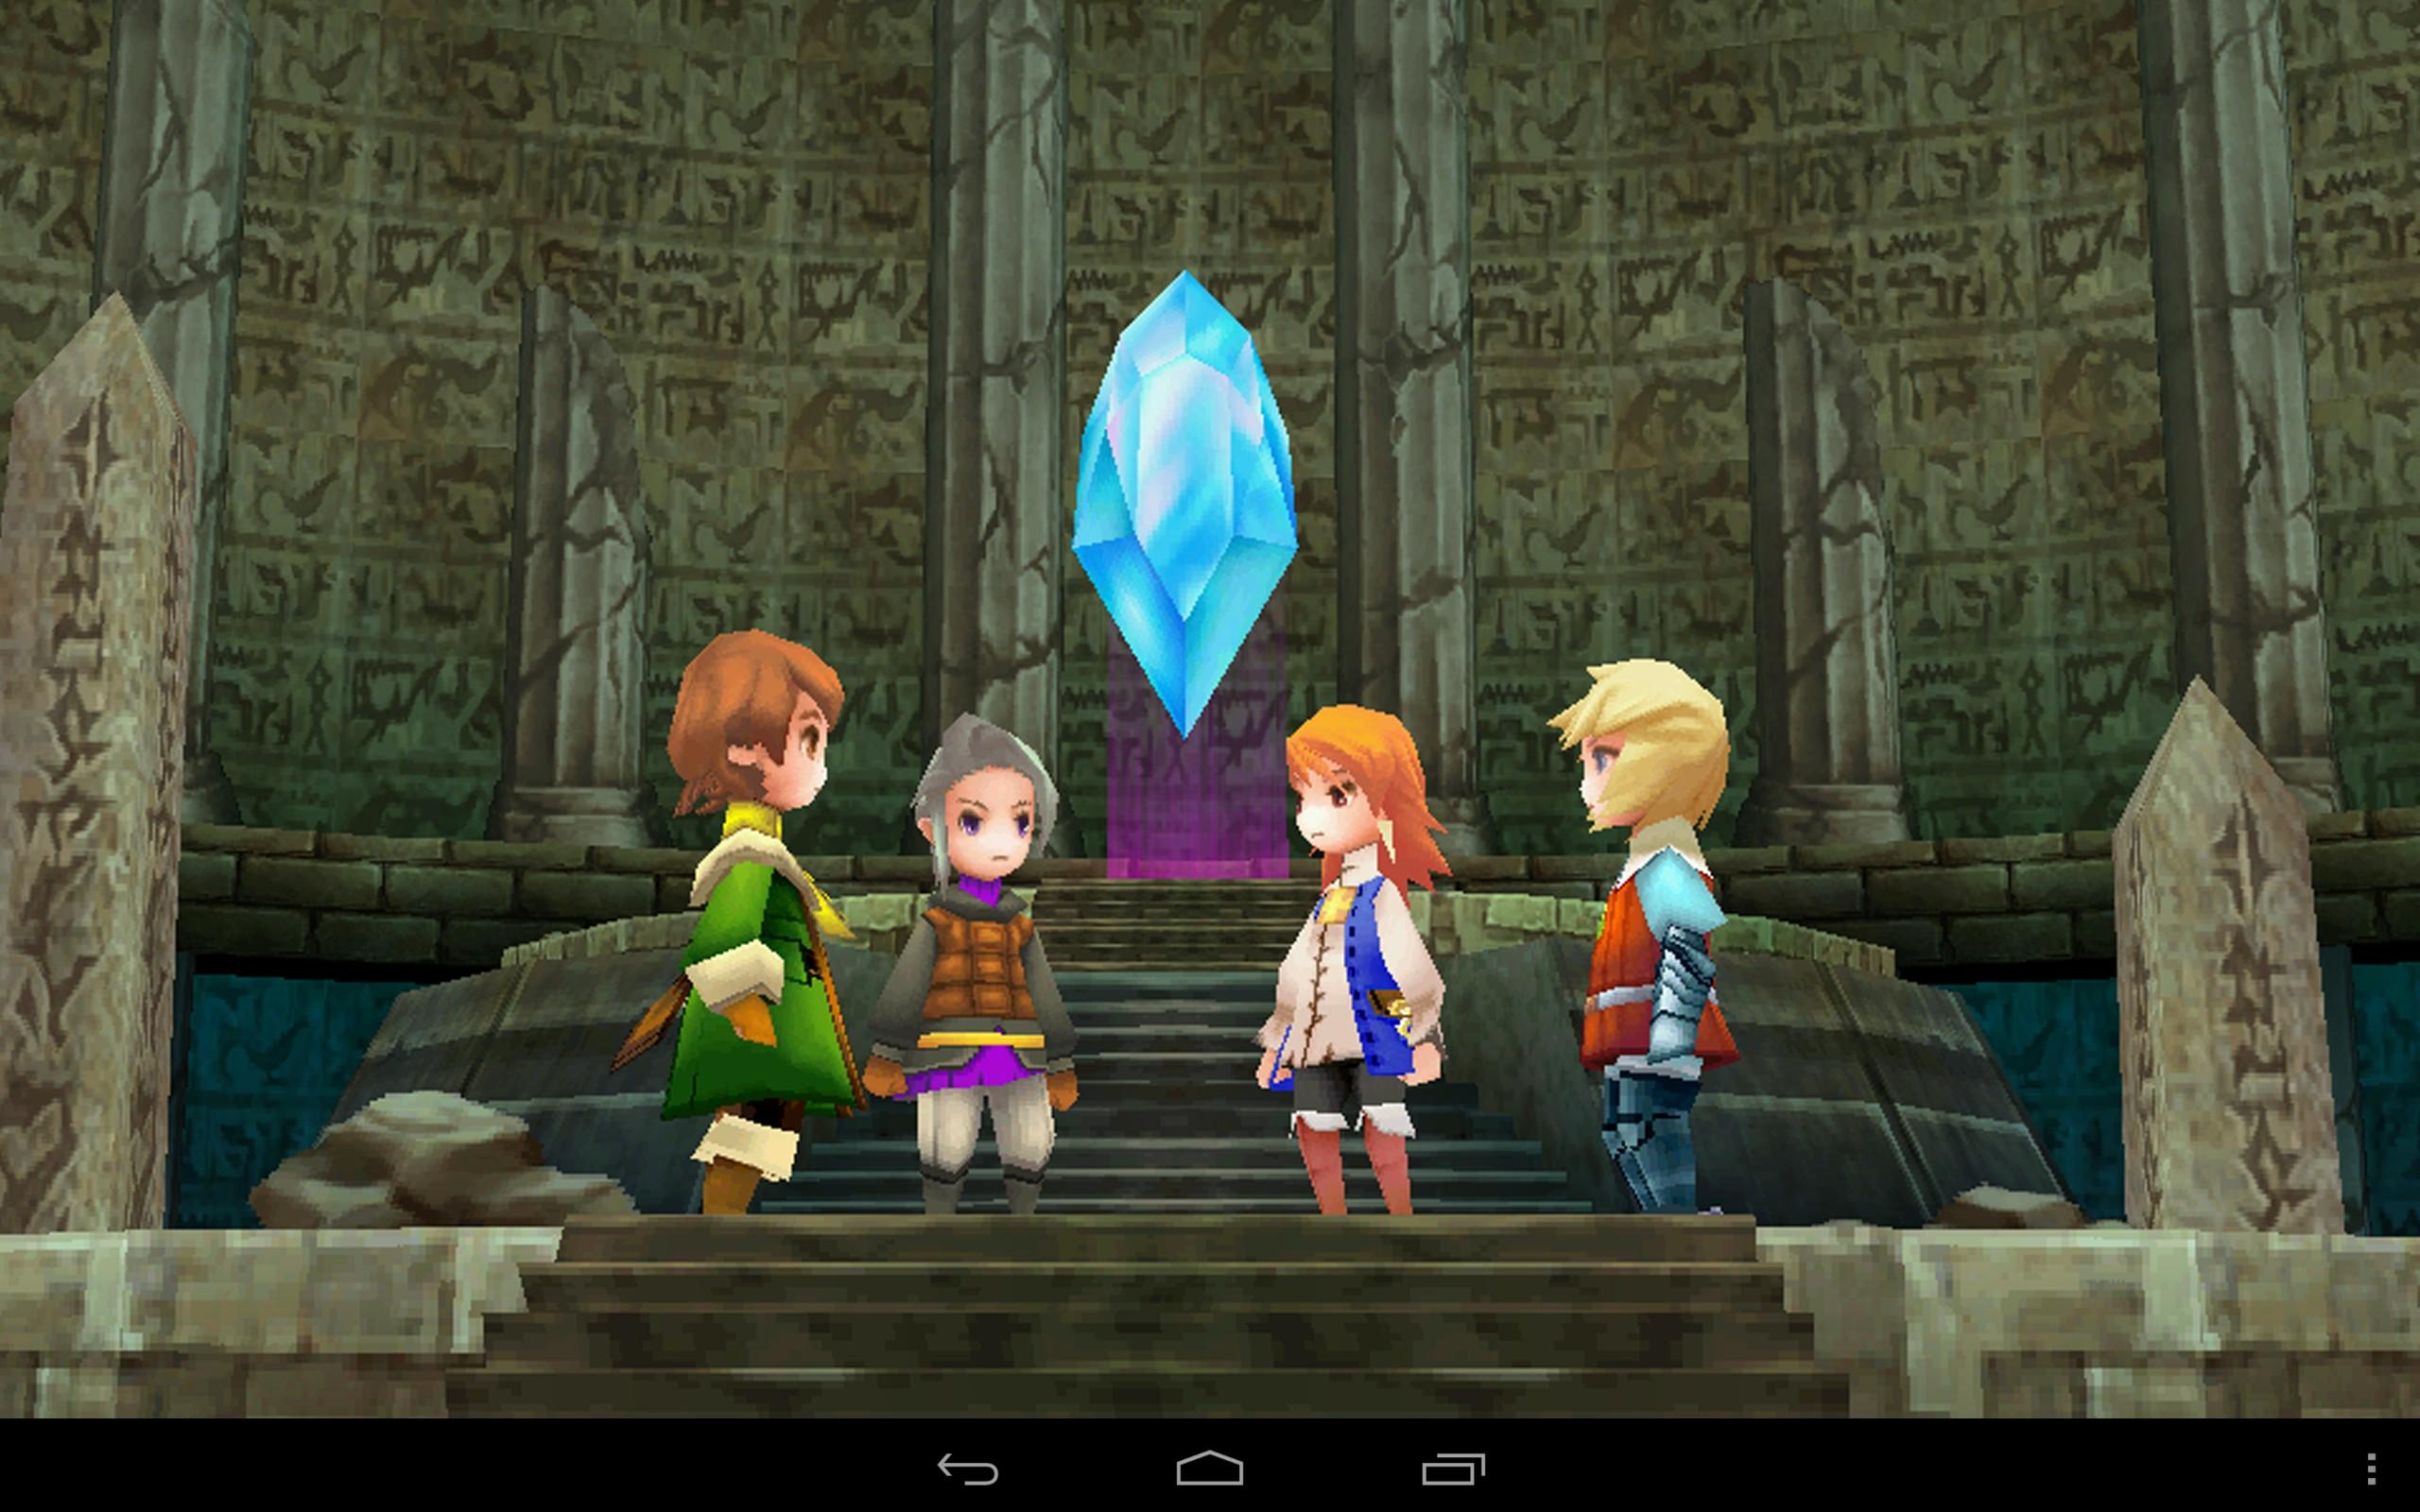 final fantasy 3 для андроид скачать